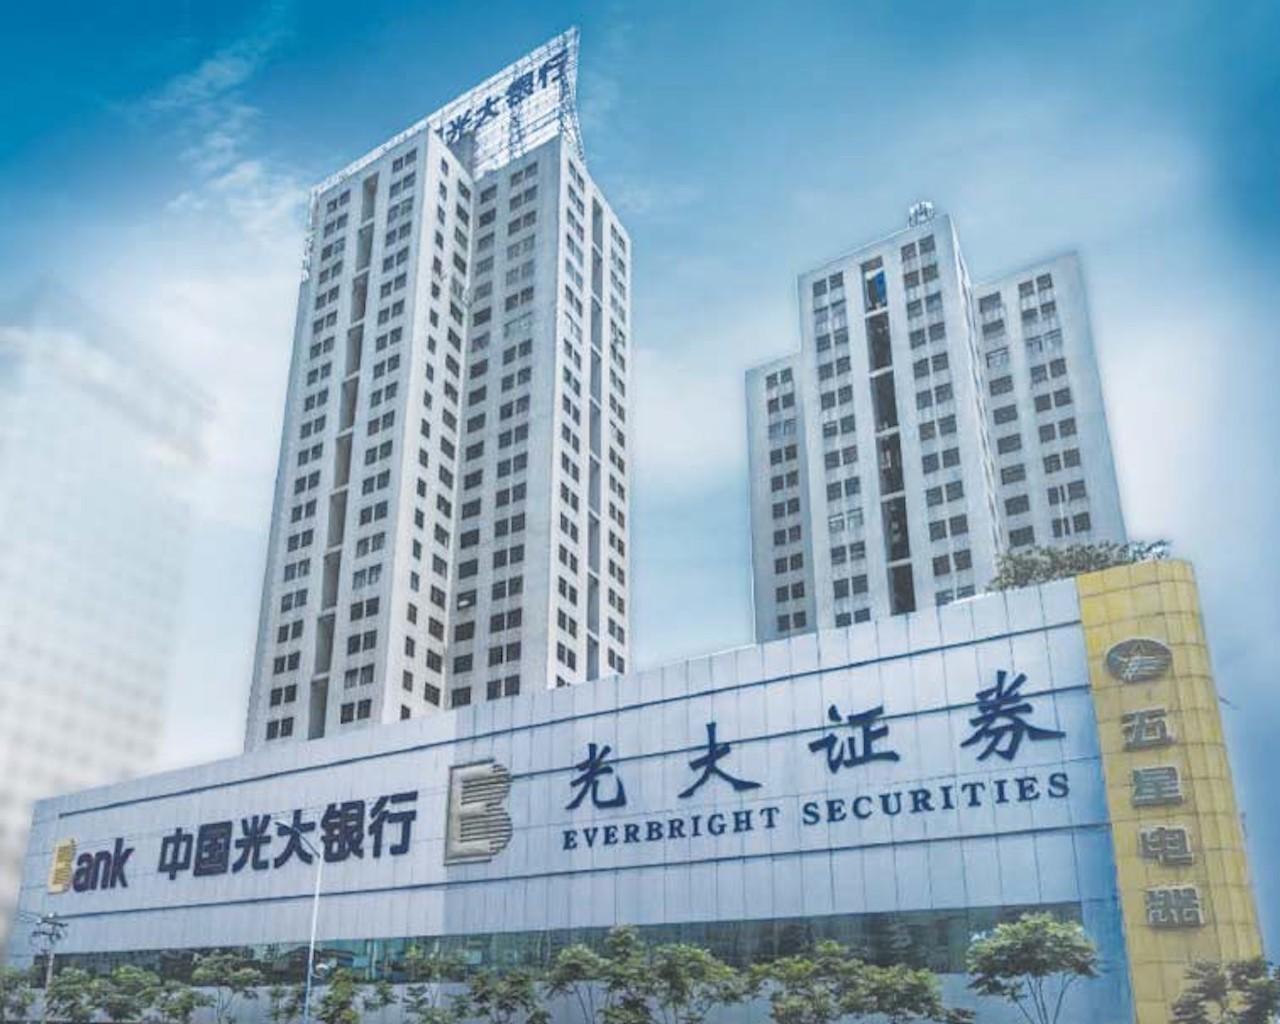 明昌大廈( 我們擁有明昌大廈一至四層)及周圍環境街景視圖